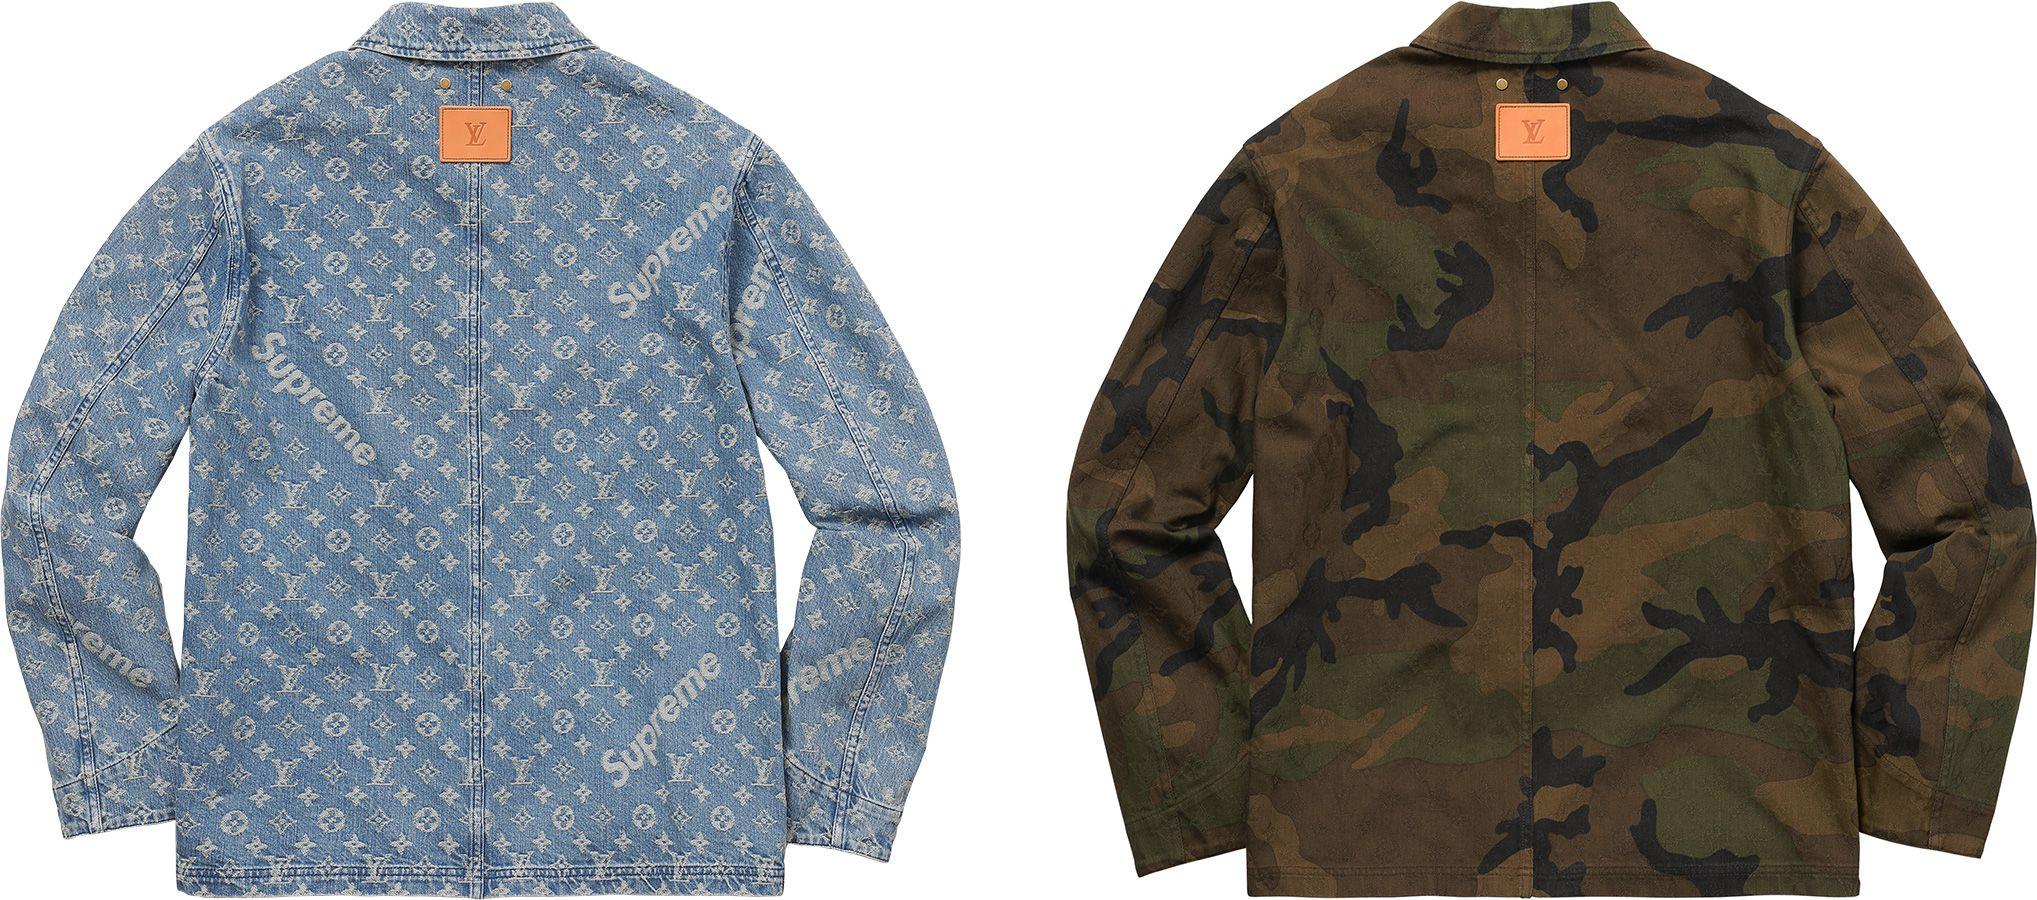 a30443358 Supreme Louis Vuitton/Supreme Jacquard Denim Trucker Jacket | A ...